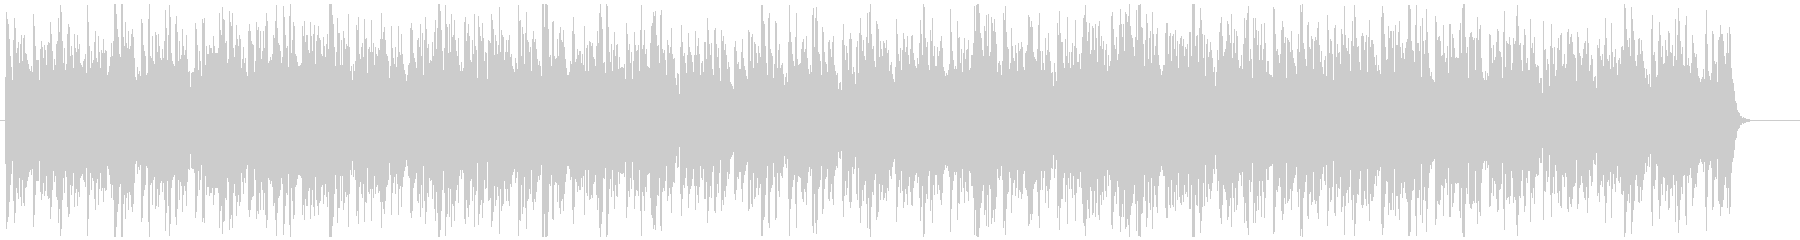 クライマックス的なオケ曲の未再生の波形